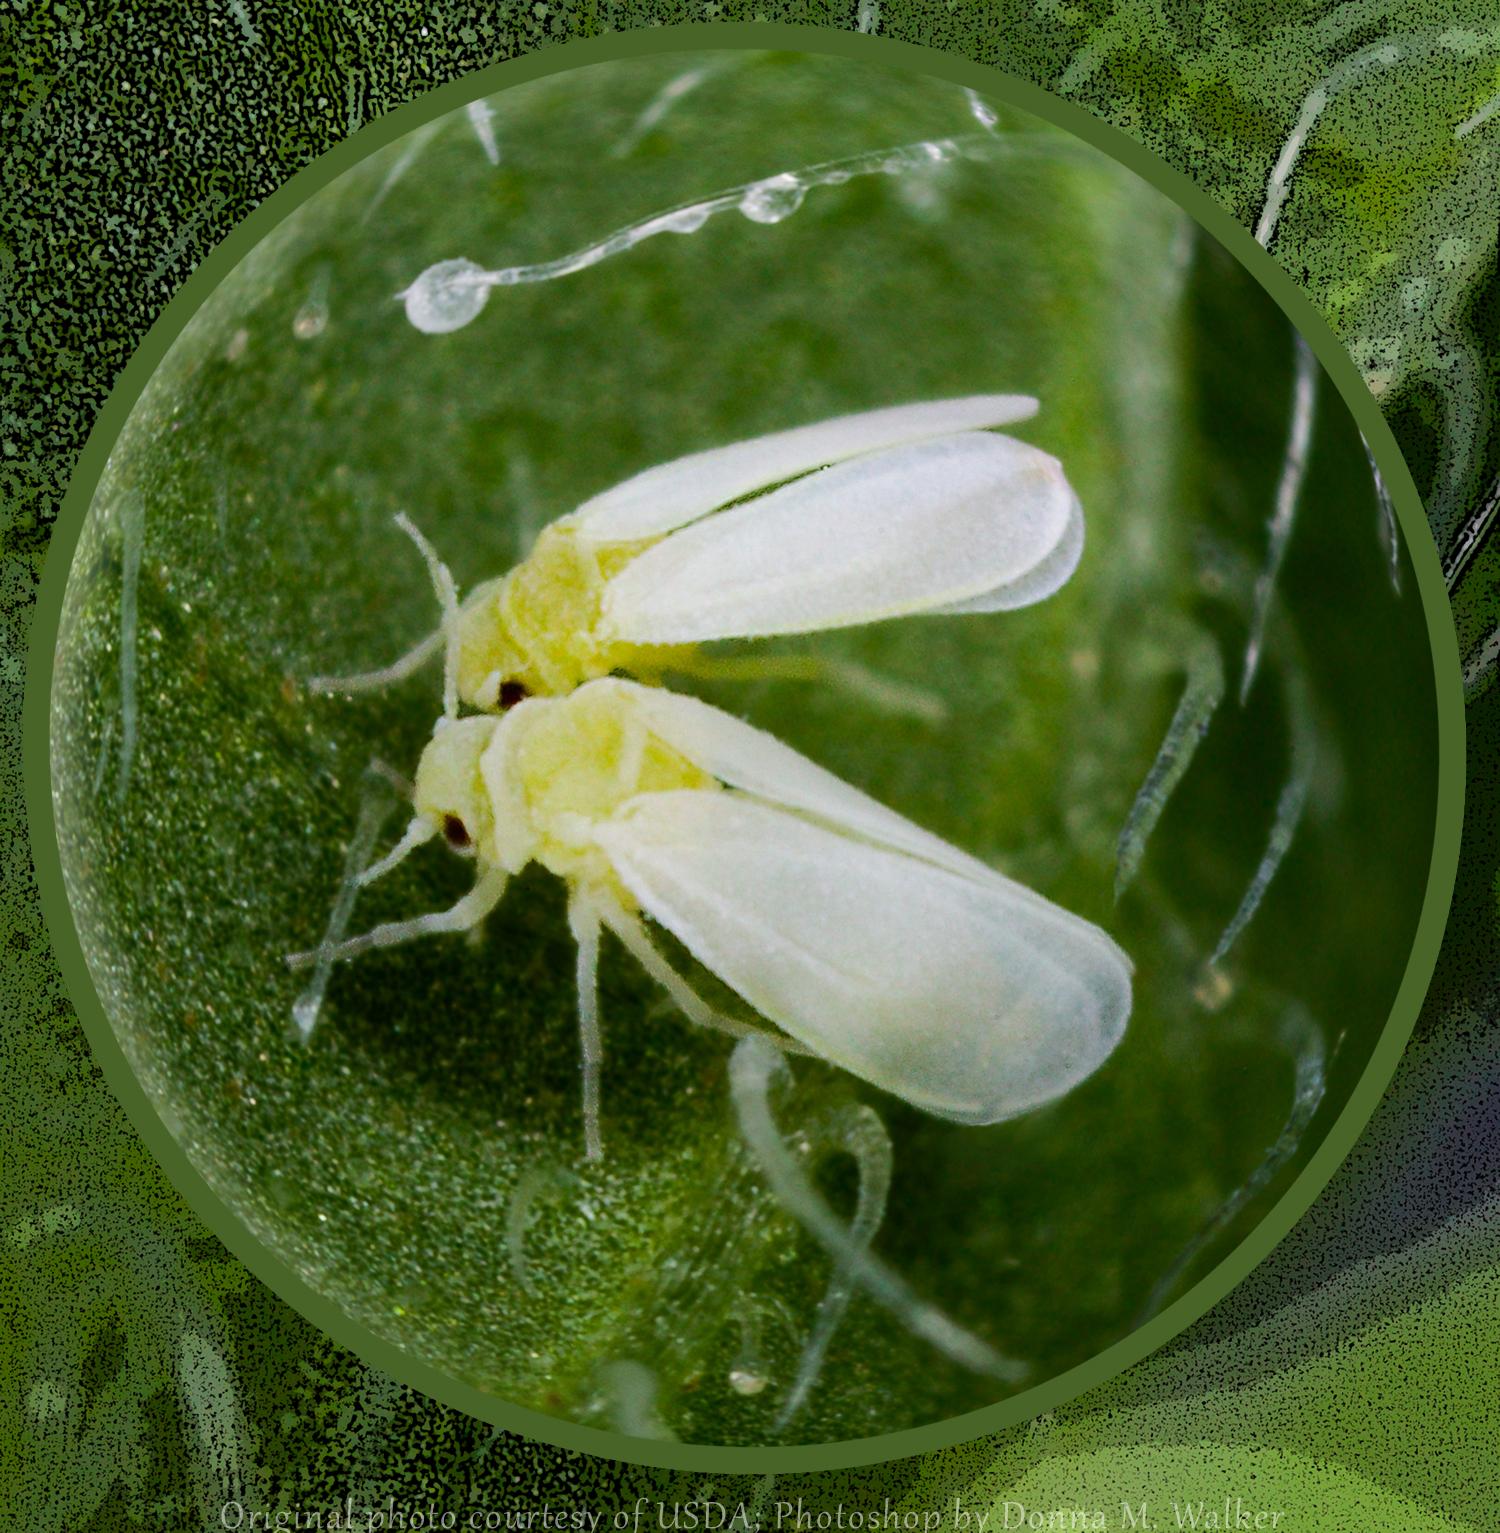 Белокрылка на комнатных растениях: как избавиться?